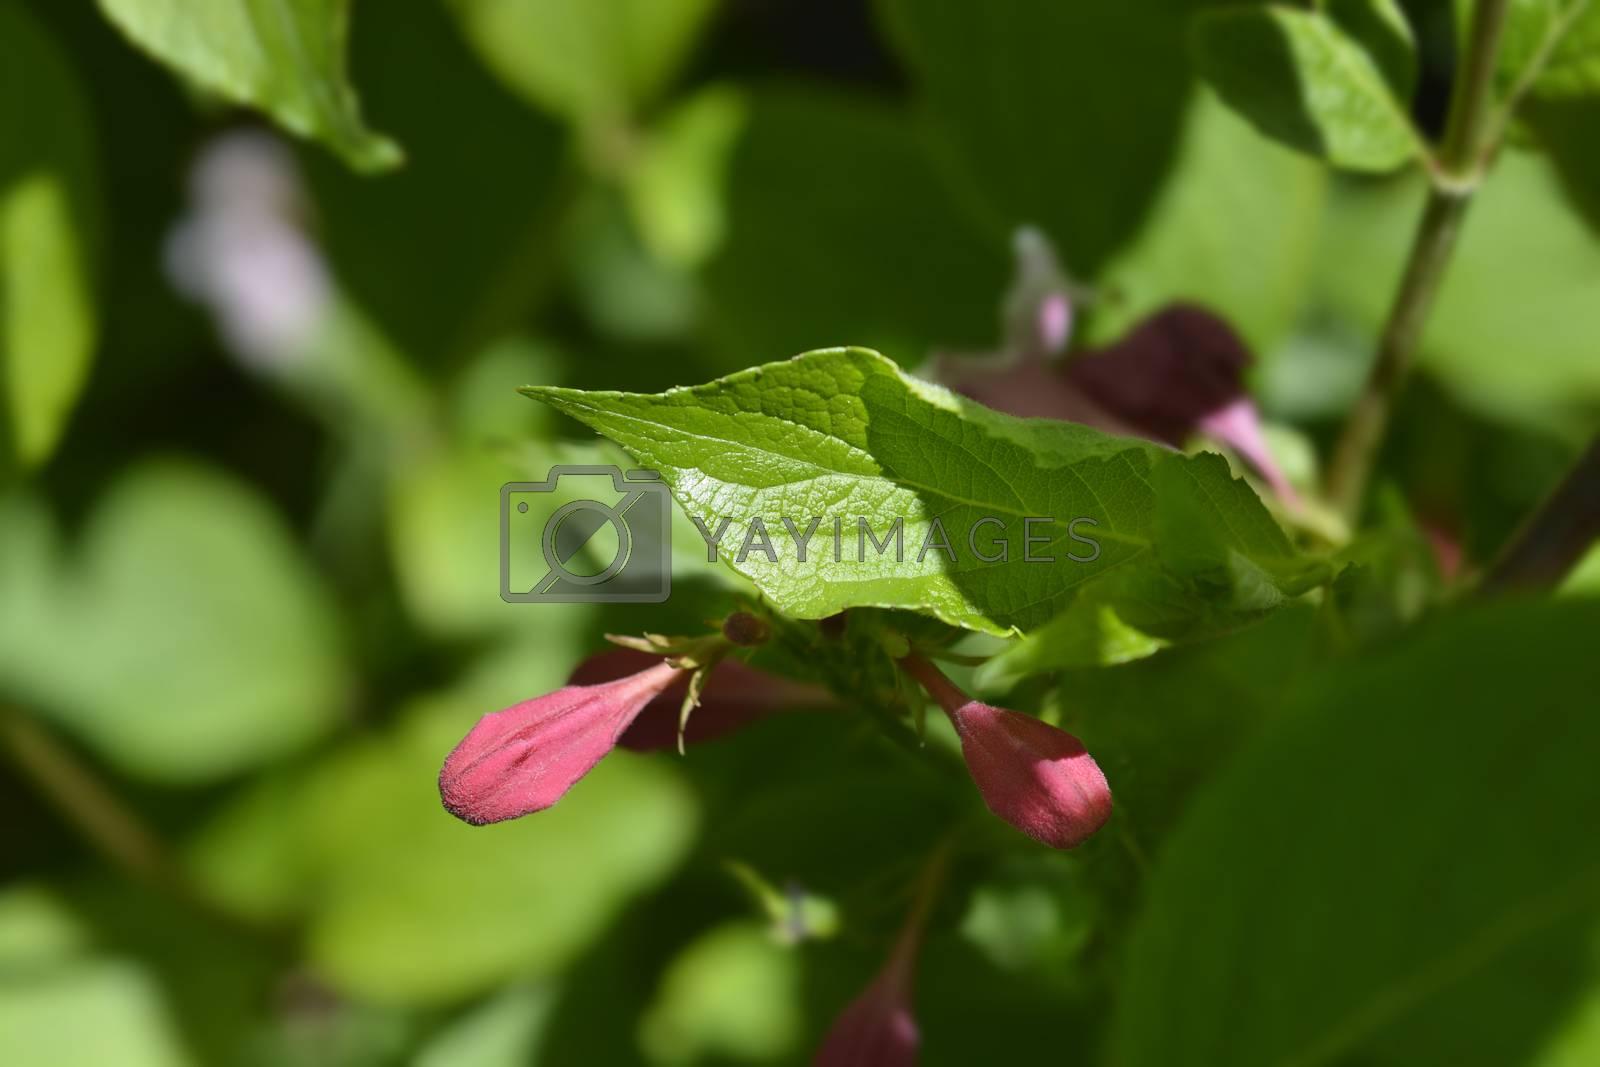 Old-fashioned weigela - Latin name - Weigela florida